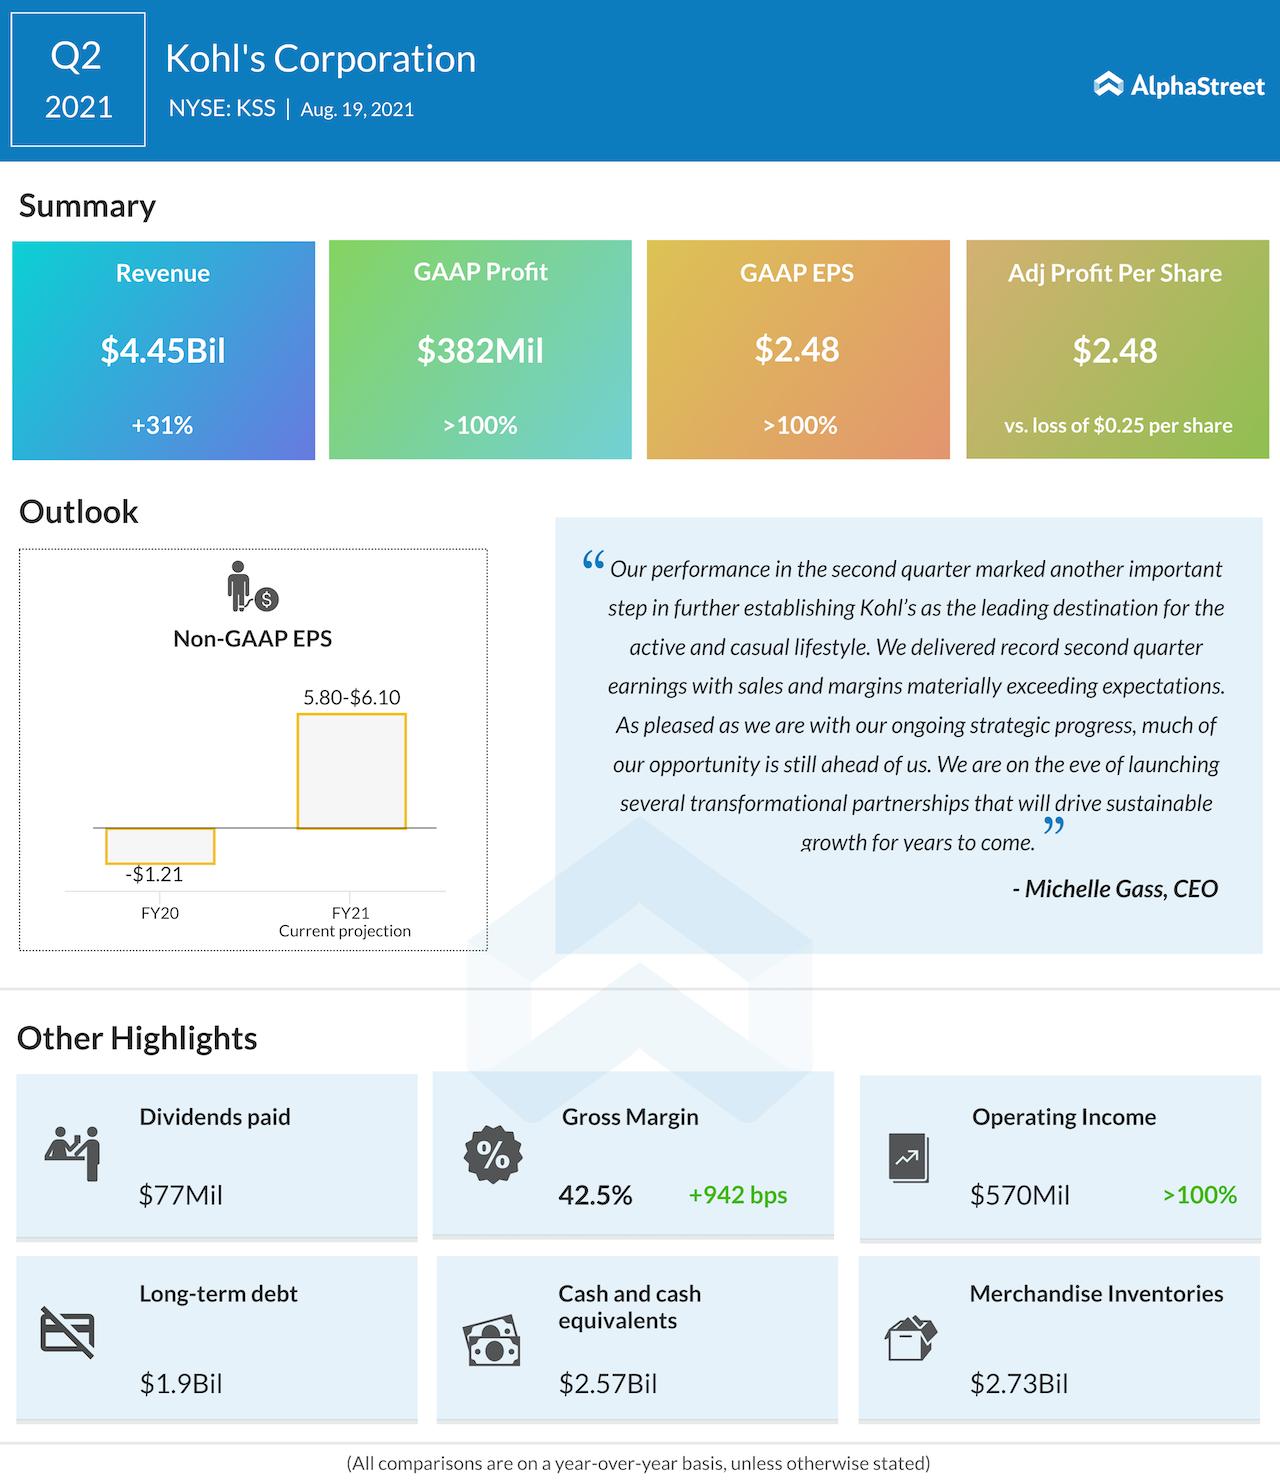 Kohl's Q2 2021 earnings